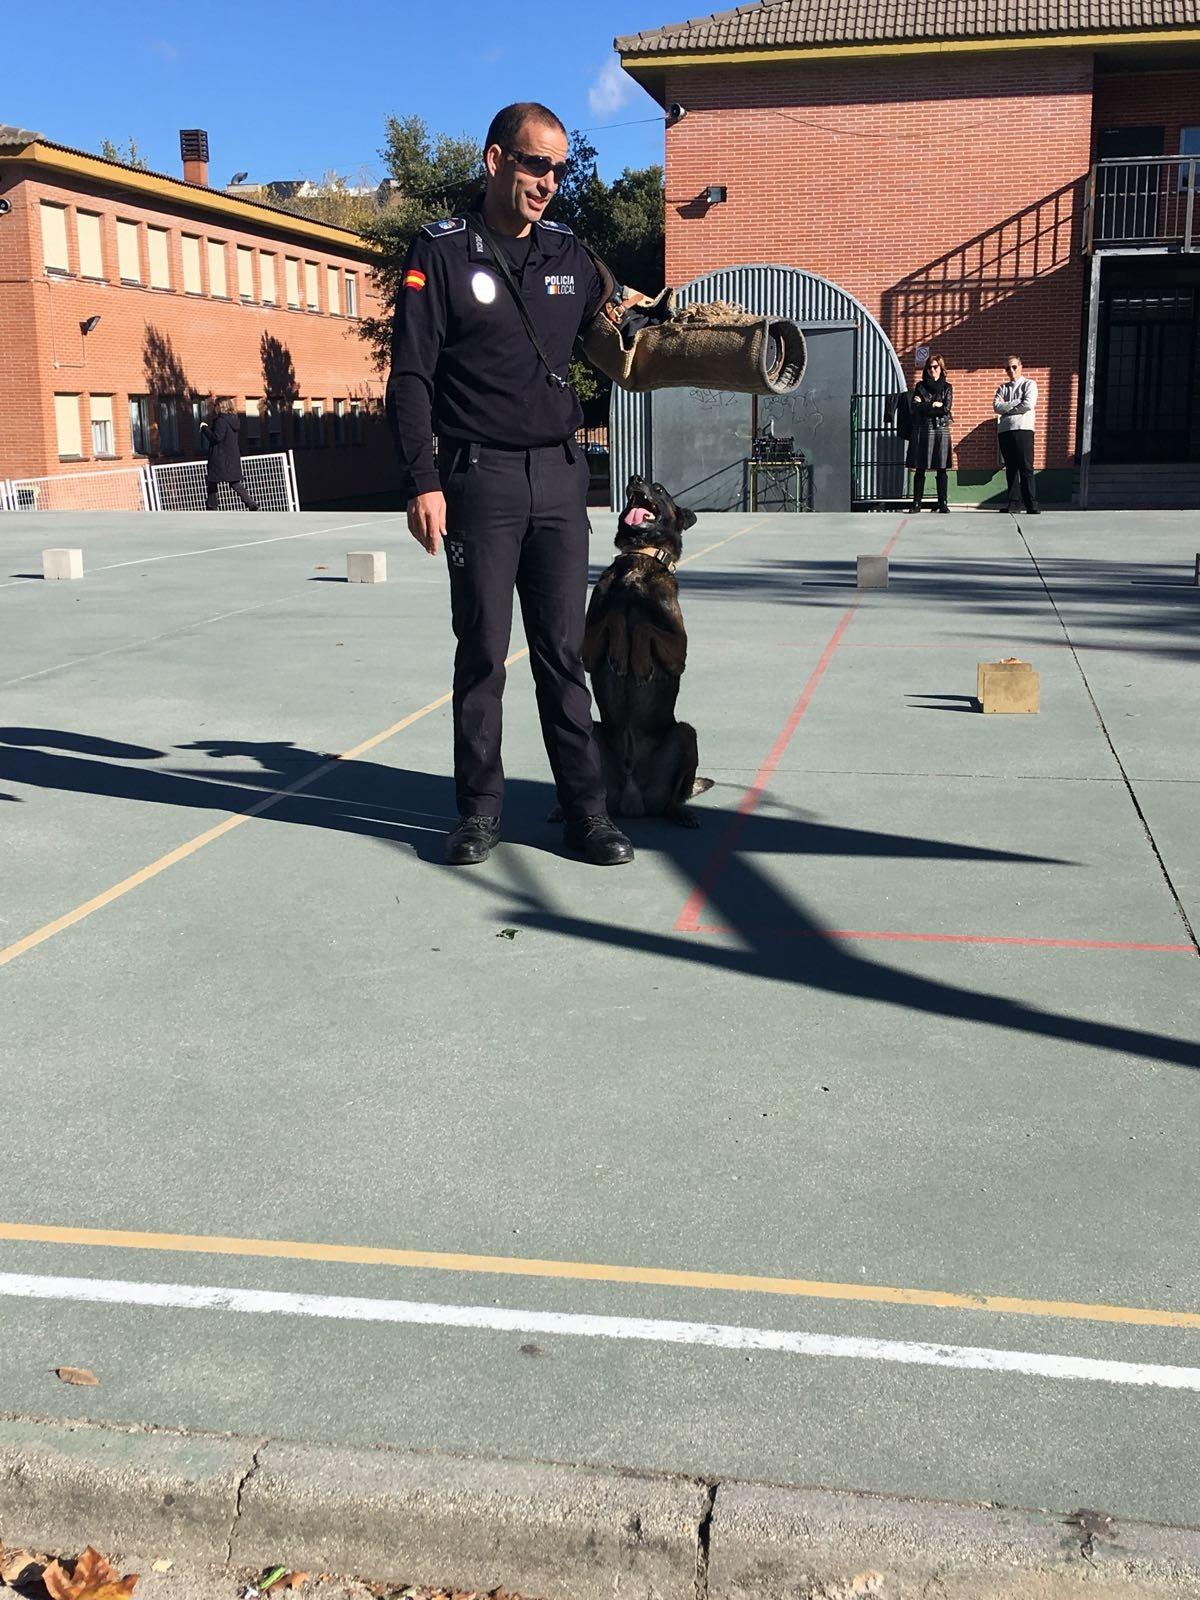 La Unidad Canina de la Policia Municipal de Las Rozas visita el cole_2_CEIP FDLR_Las Rozas_2017  3